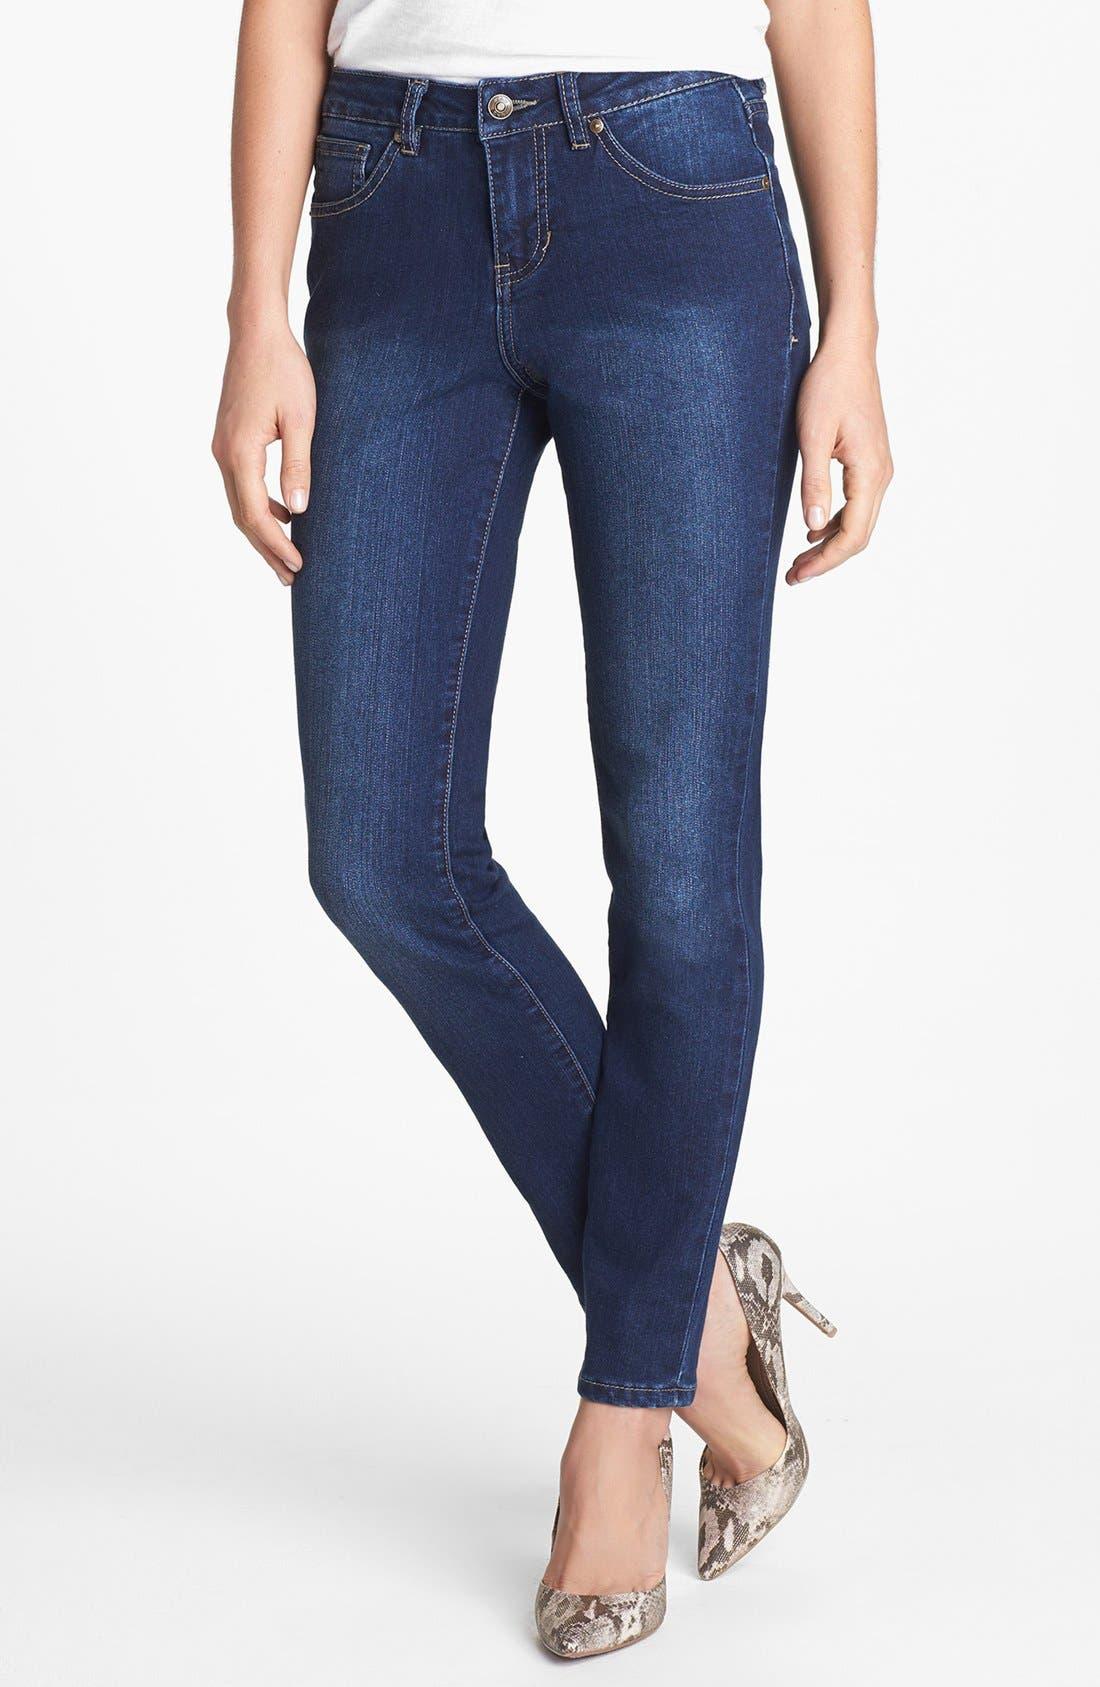 Alternate Image 1 Selected - Jag Jeans 'Miranda' Skinny Jeans (Dark Rainwash)